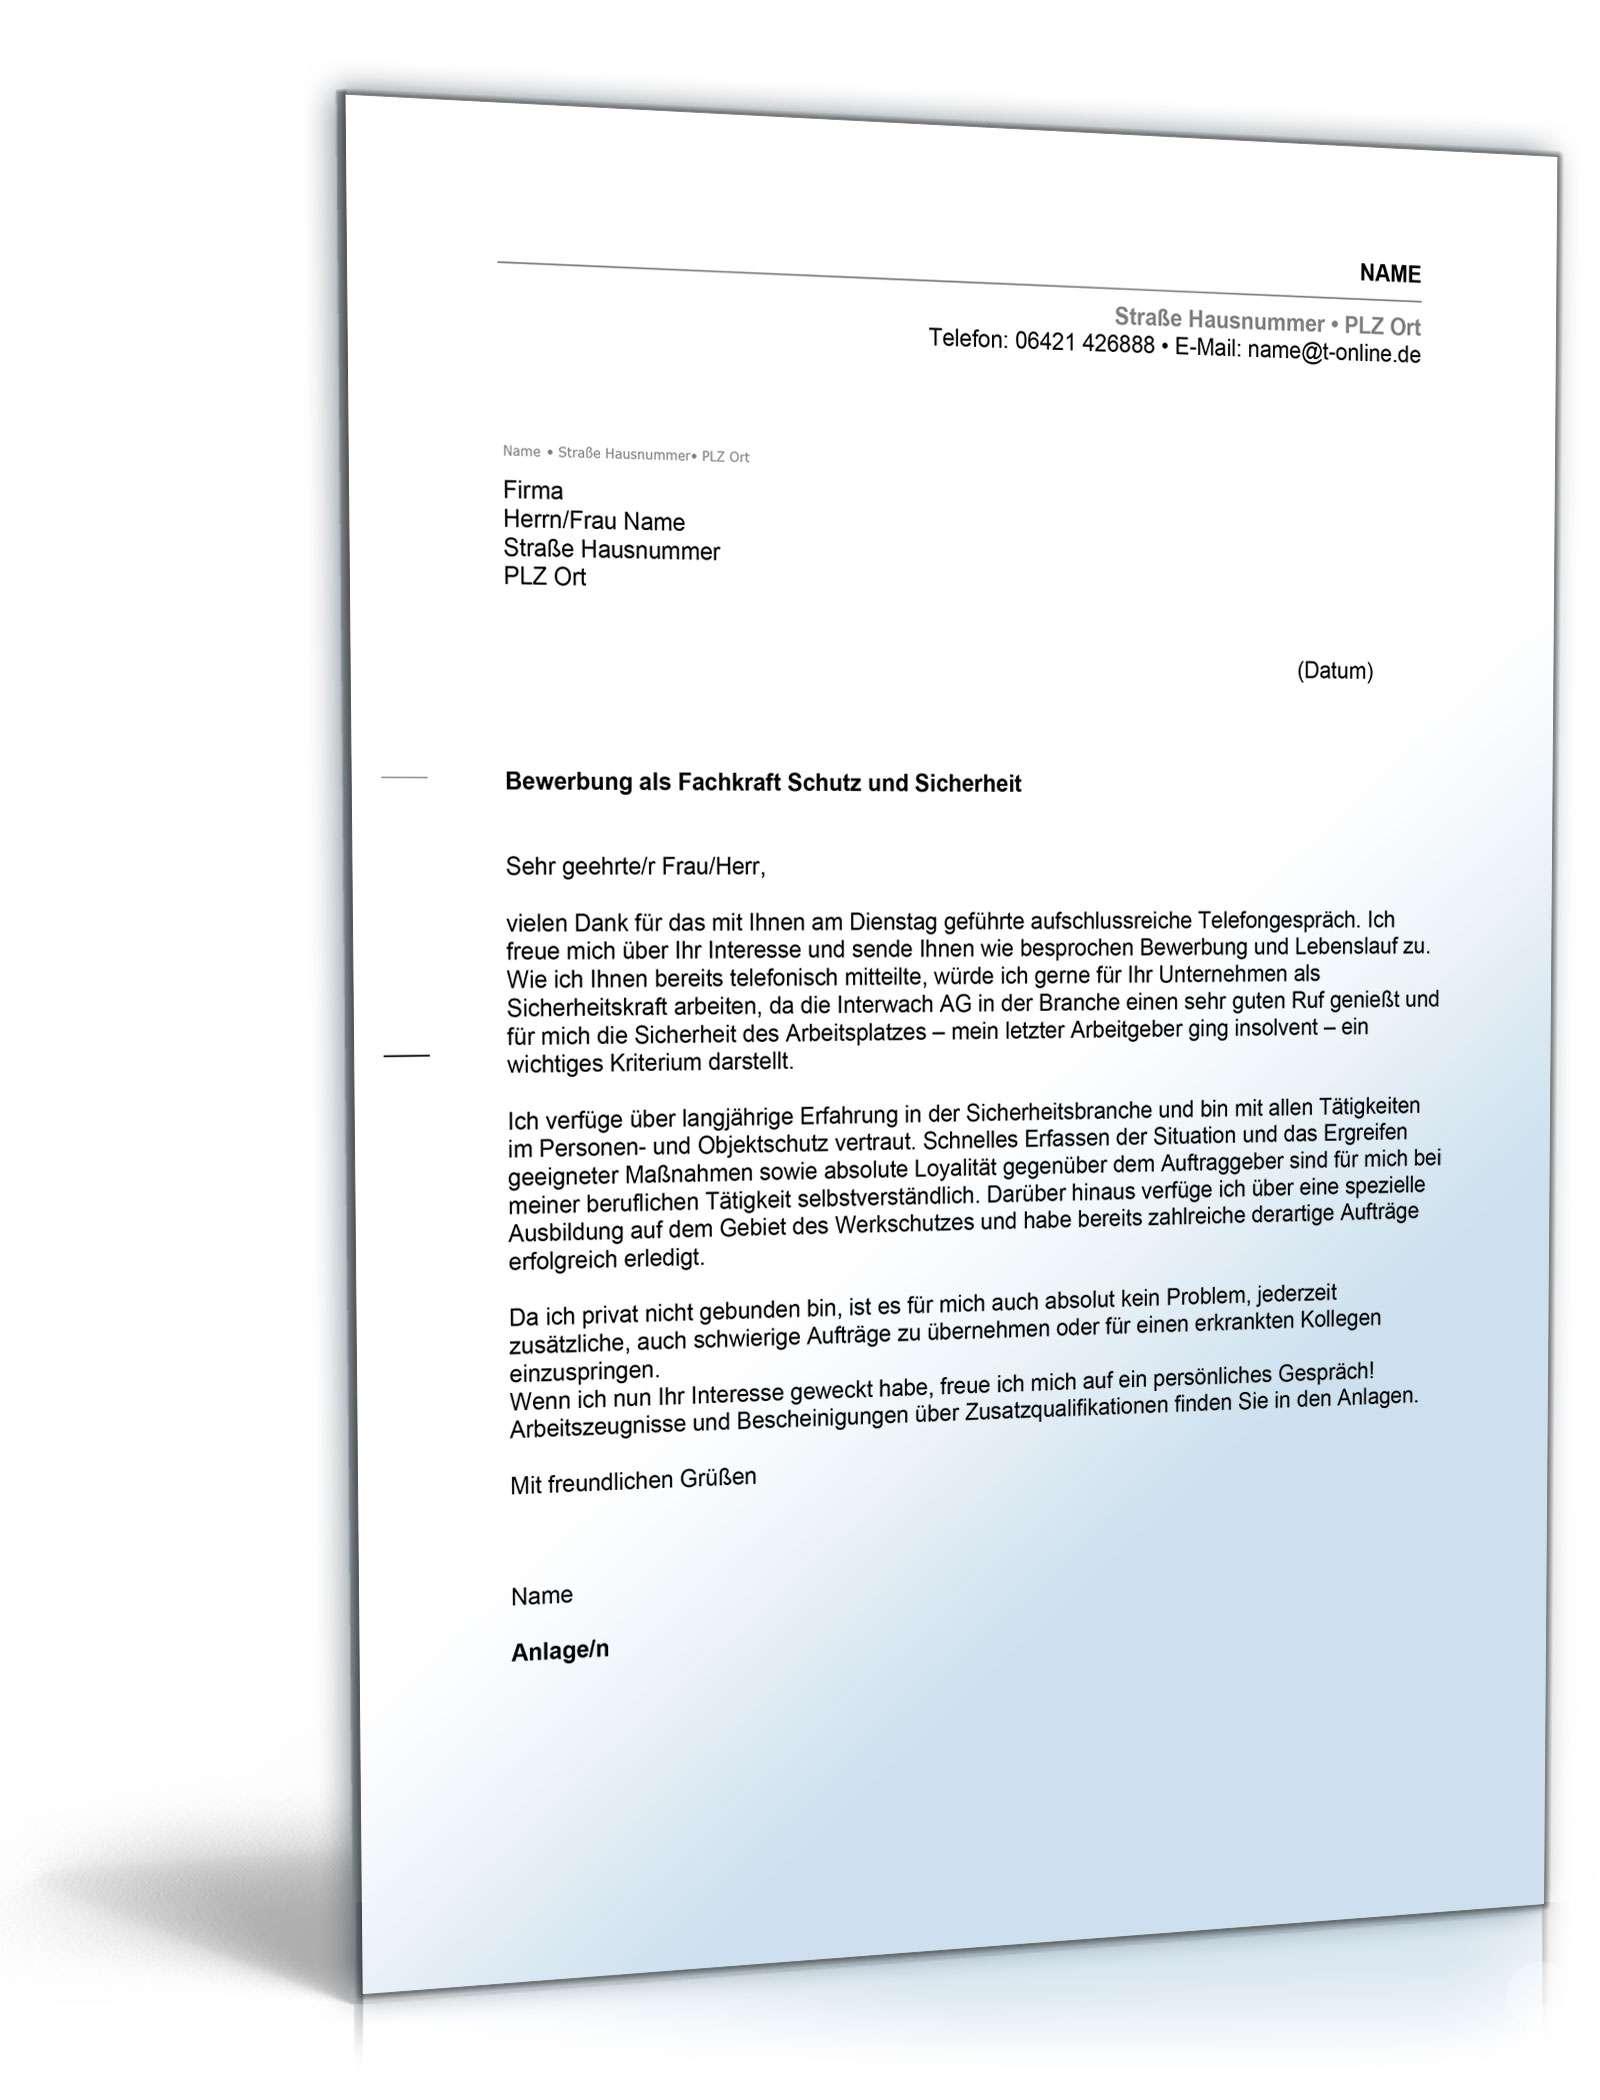 Anschreiben Bewerbung Sicherheitsdienst | Muster zum Download